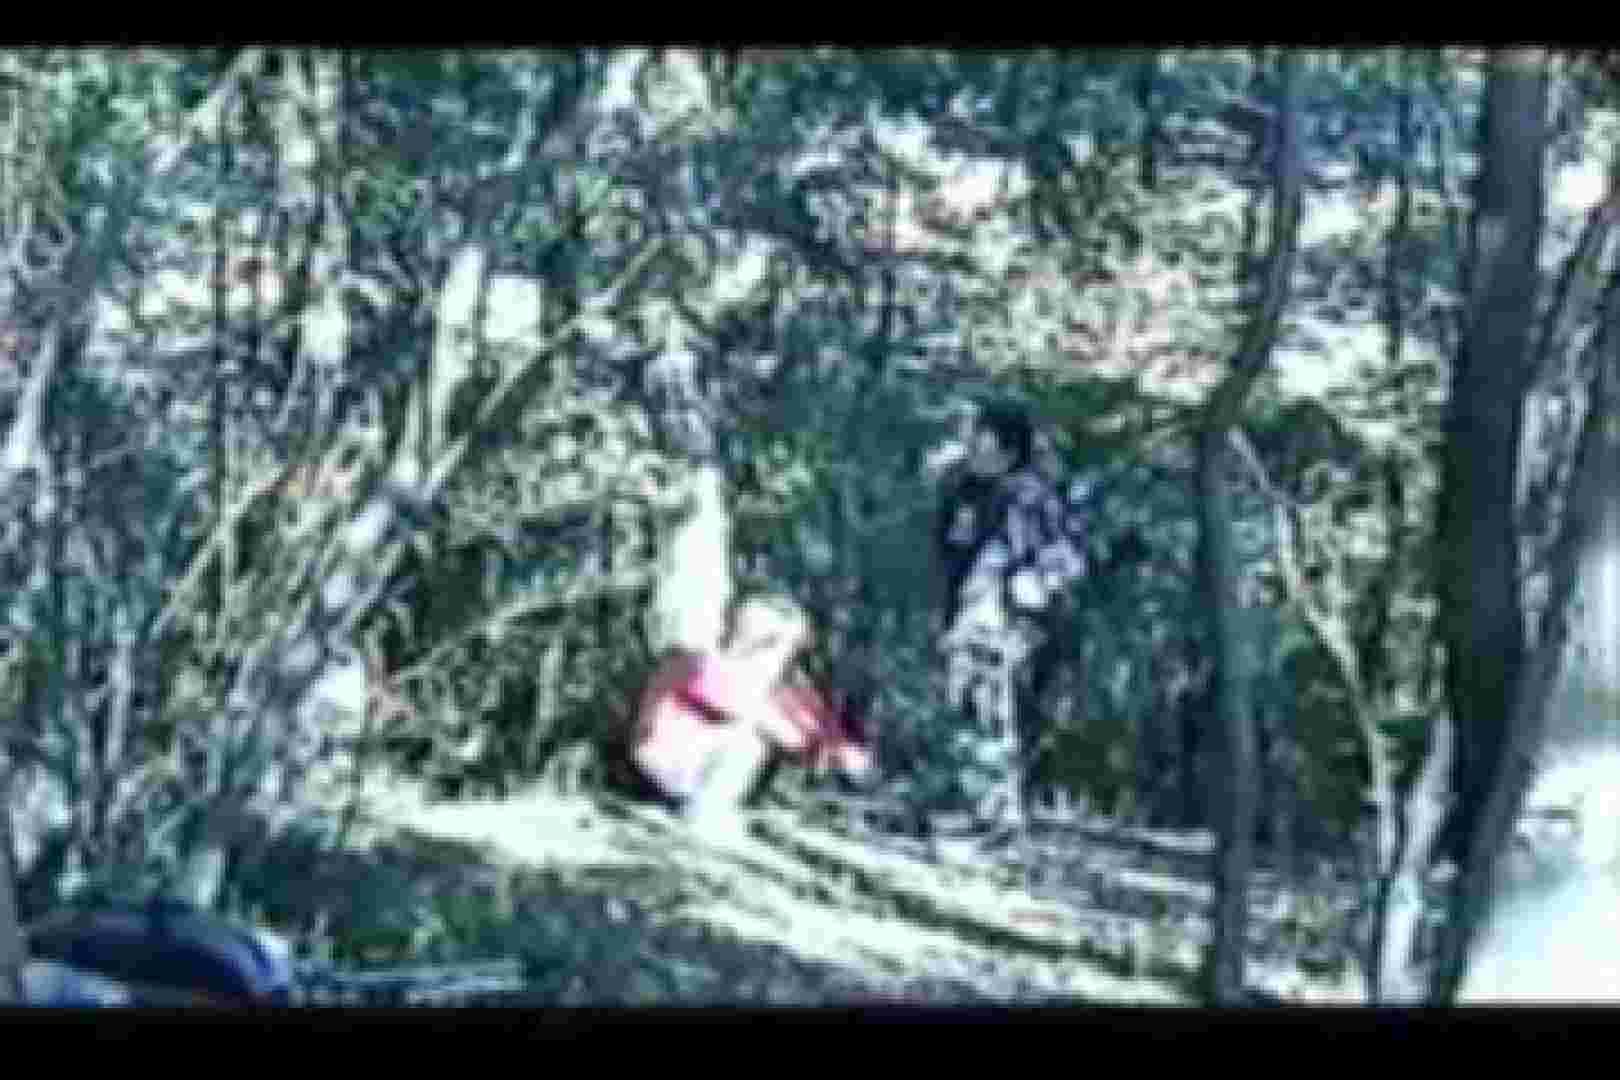 オールドゲイシリーズ  美少年ひかるのオープンファック イケメン  106pic 59